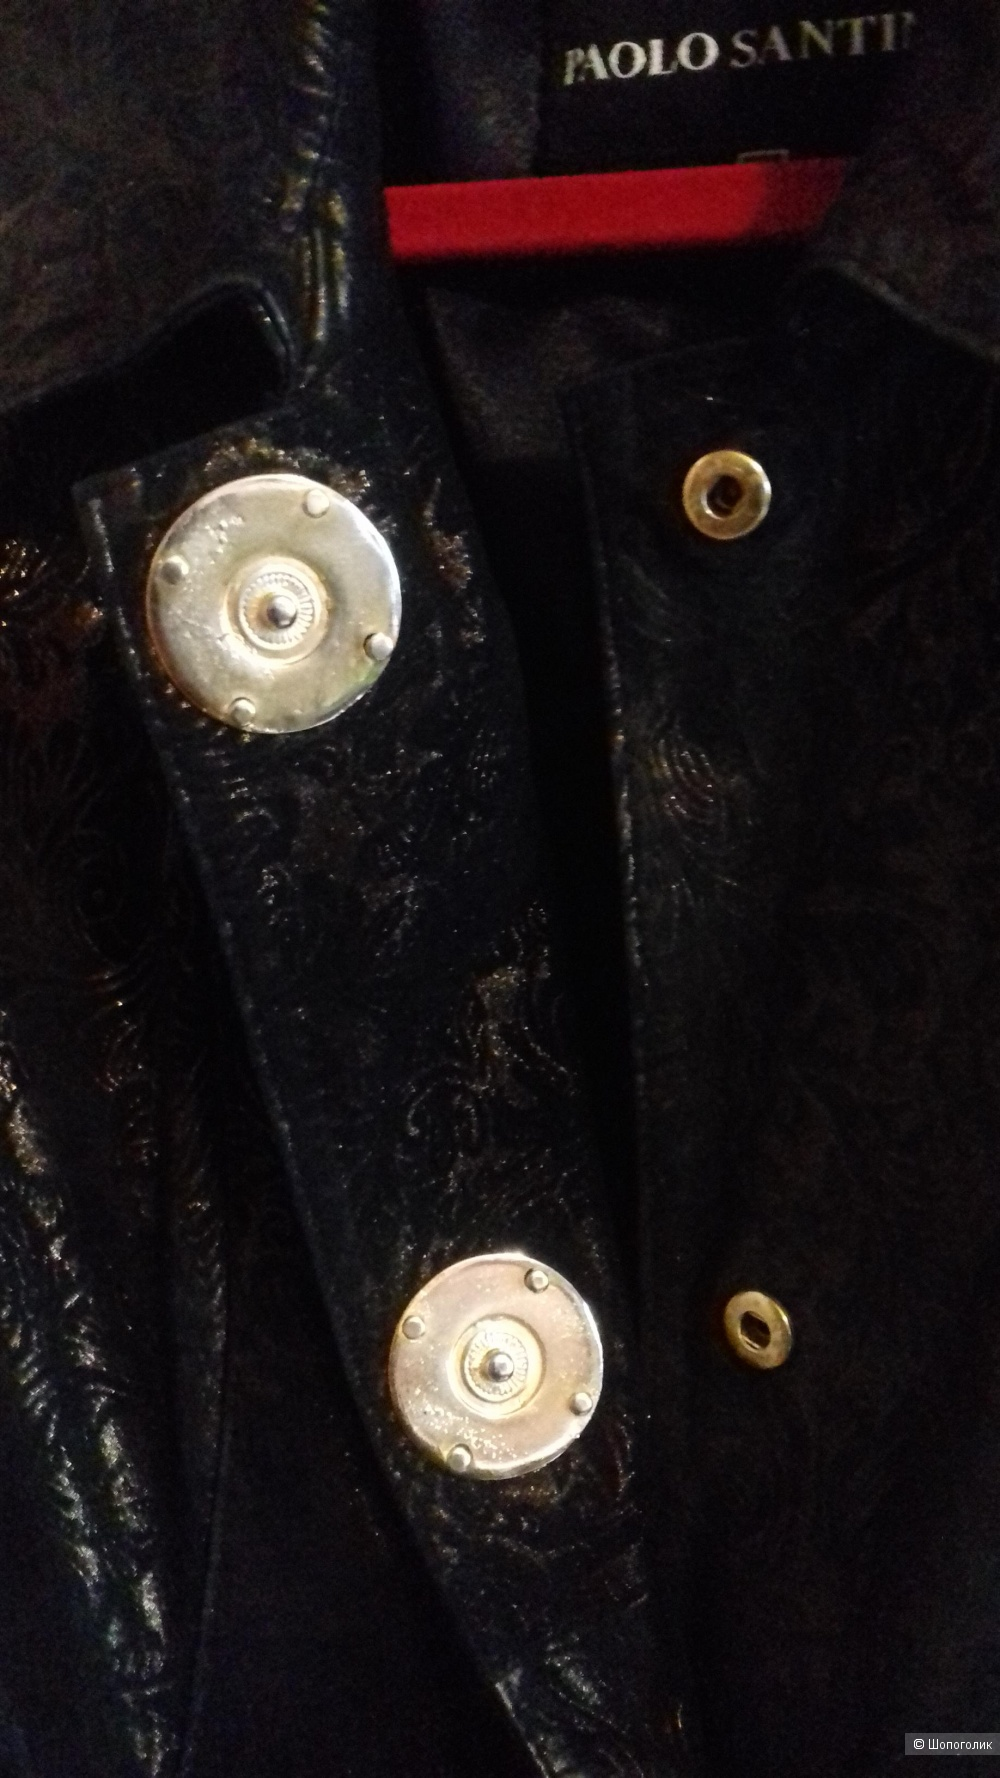 Куртка - пиджак Paolo Santini. Италия. р. Xl ( по факту 46).